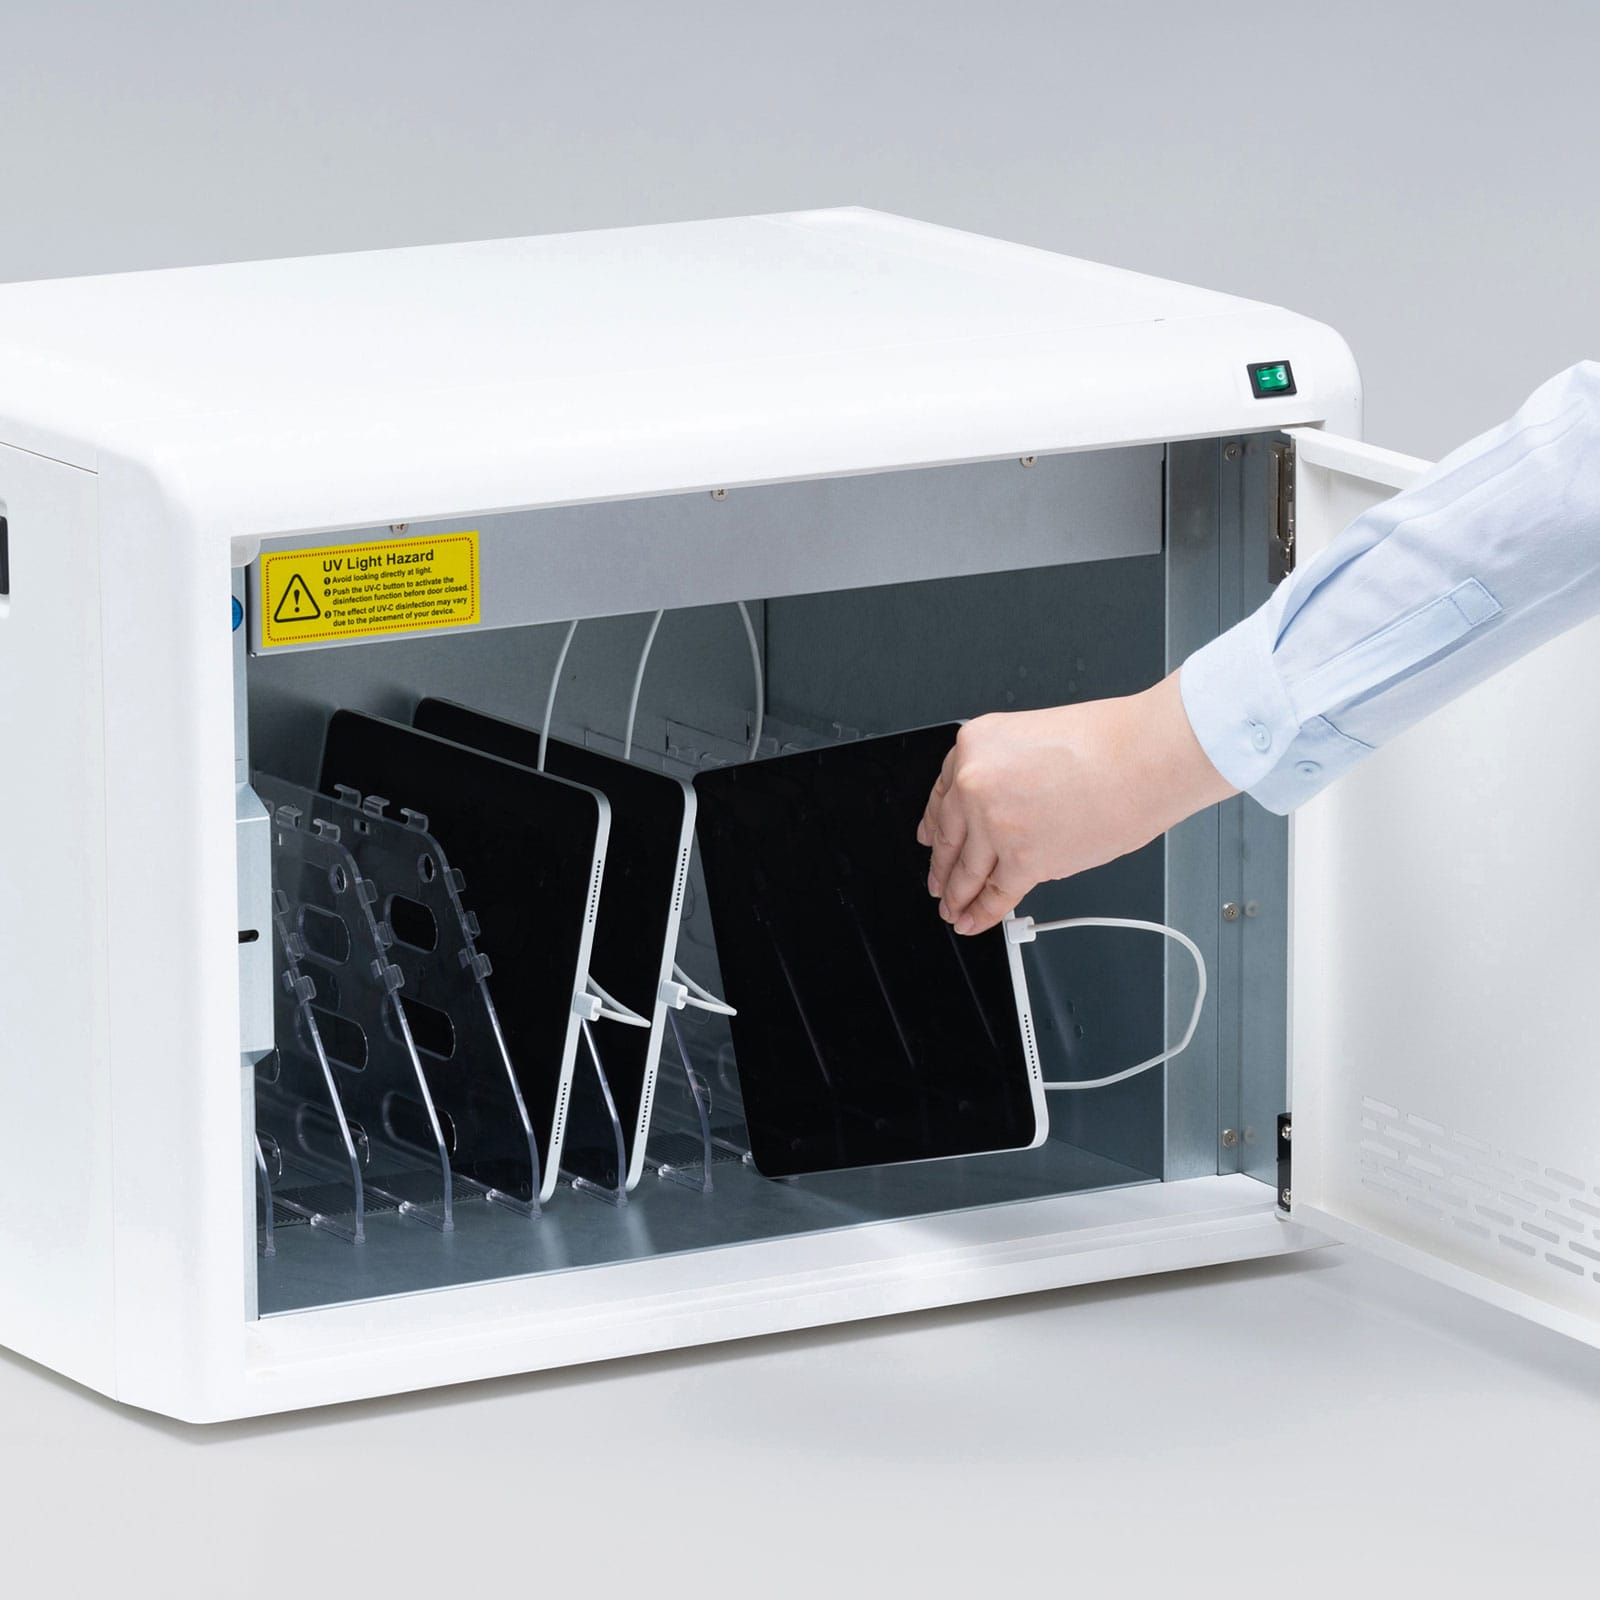 サンワサプライ、UV除菌機能搭載のノートPC&タブレット用充電保管庫を発売